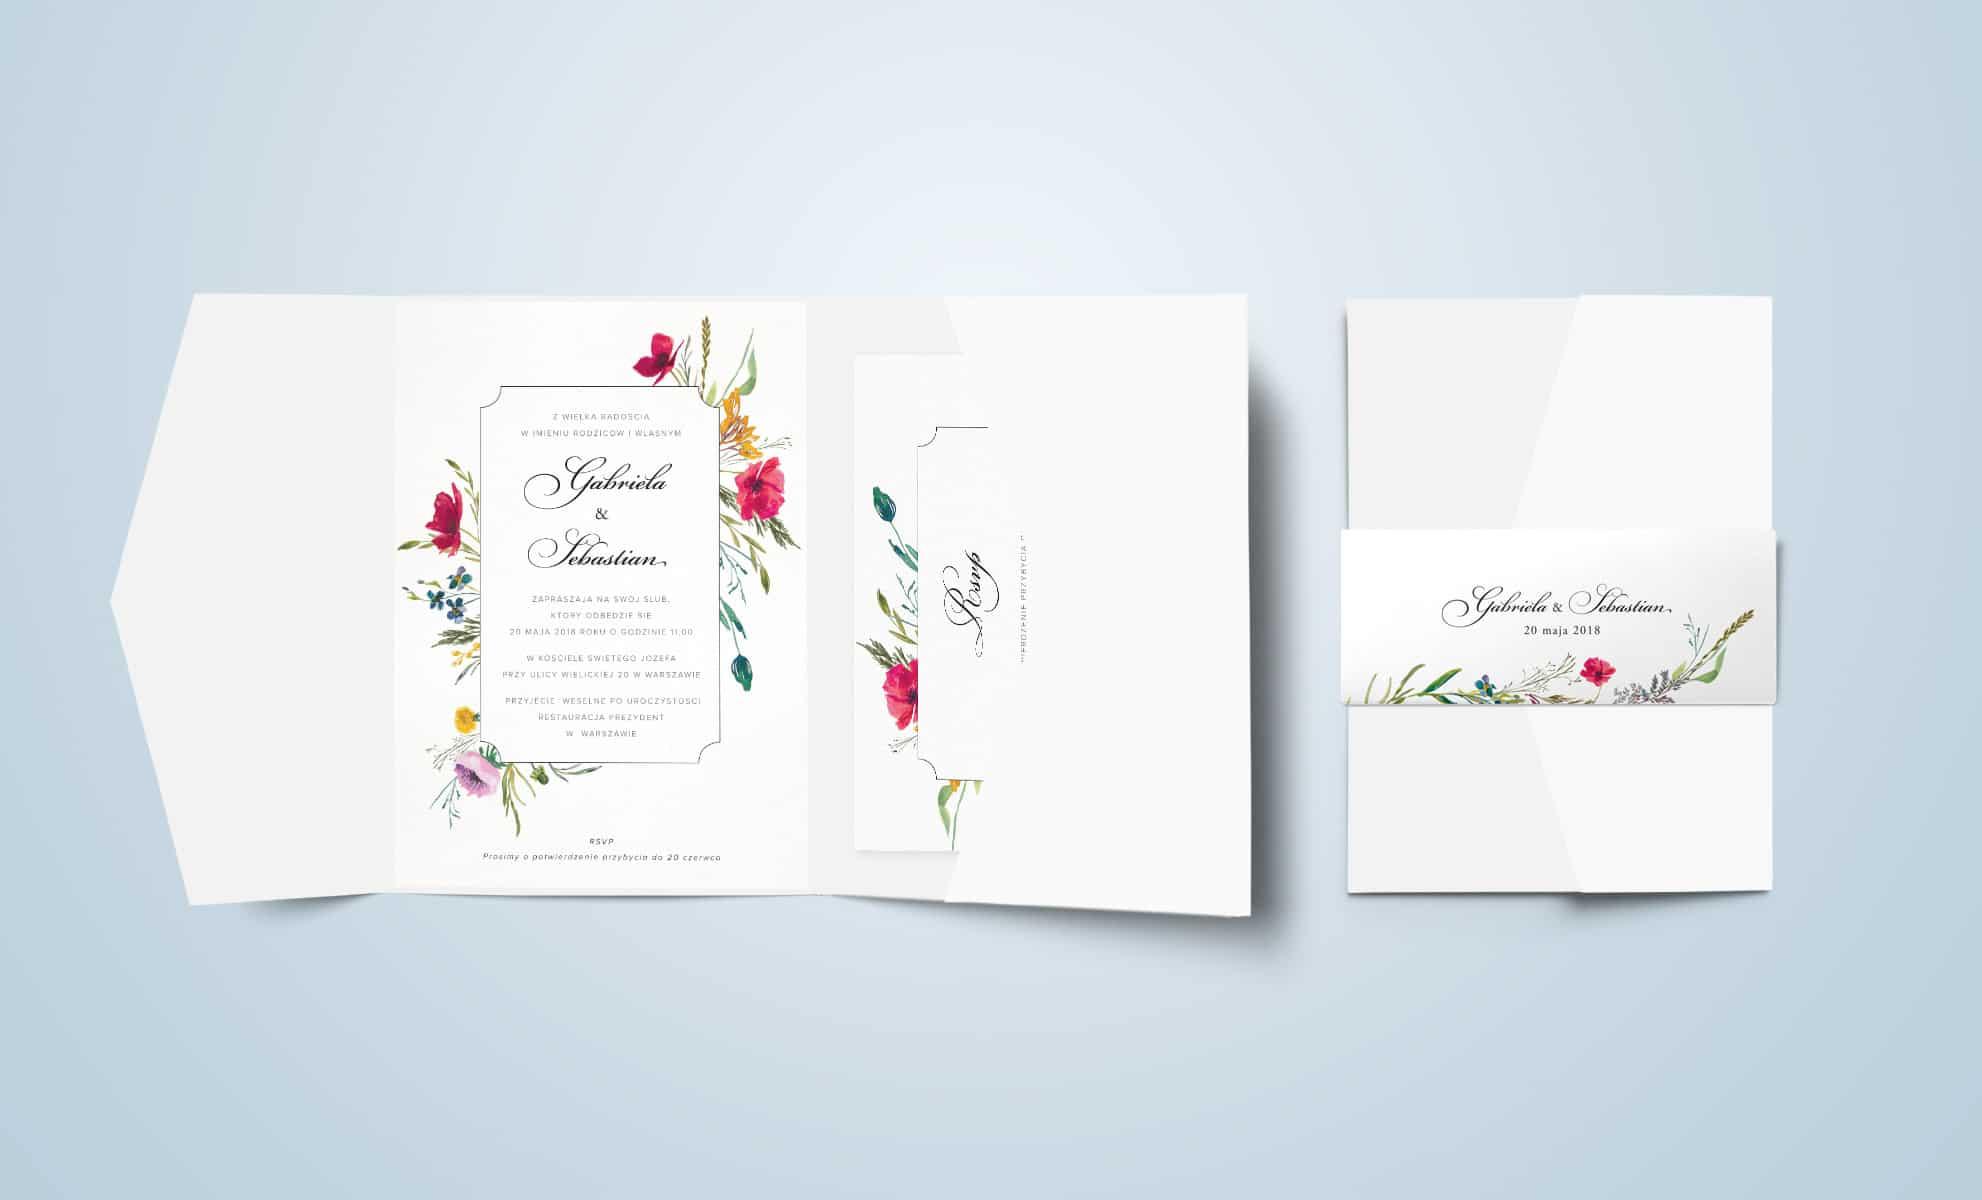 Zaproszenie w kompozycje polne kwiaty, maki, stokrotki z ozdobną owijką.